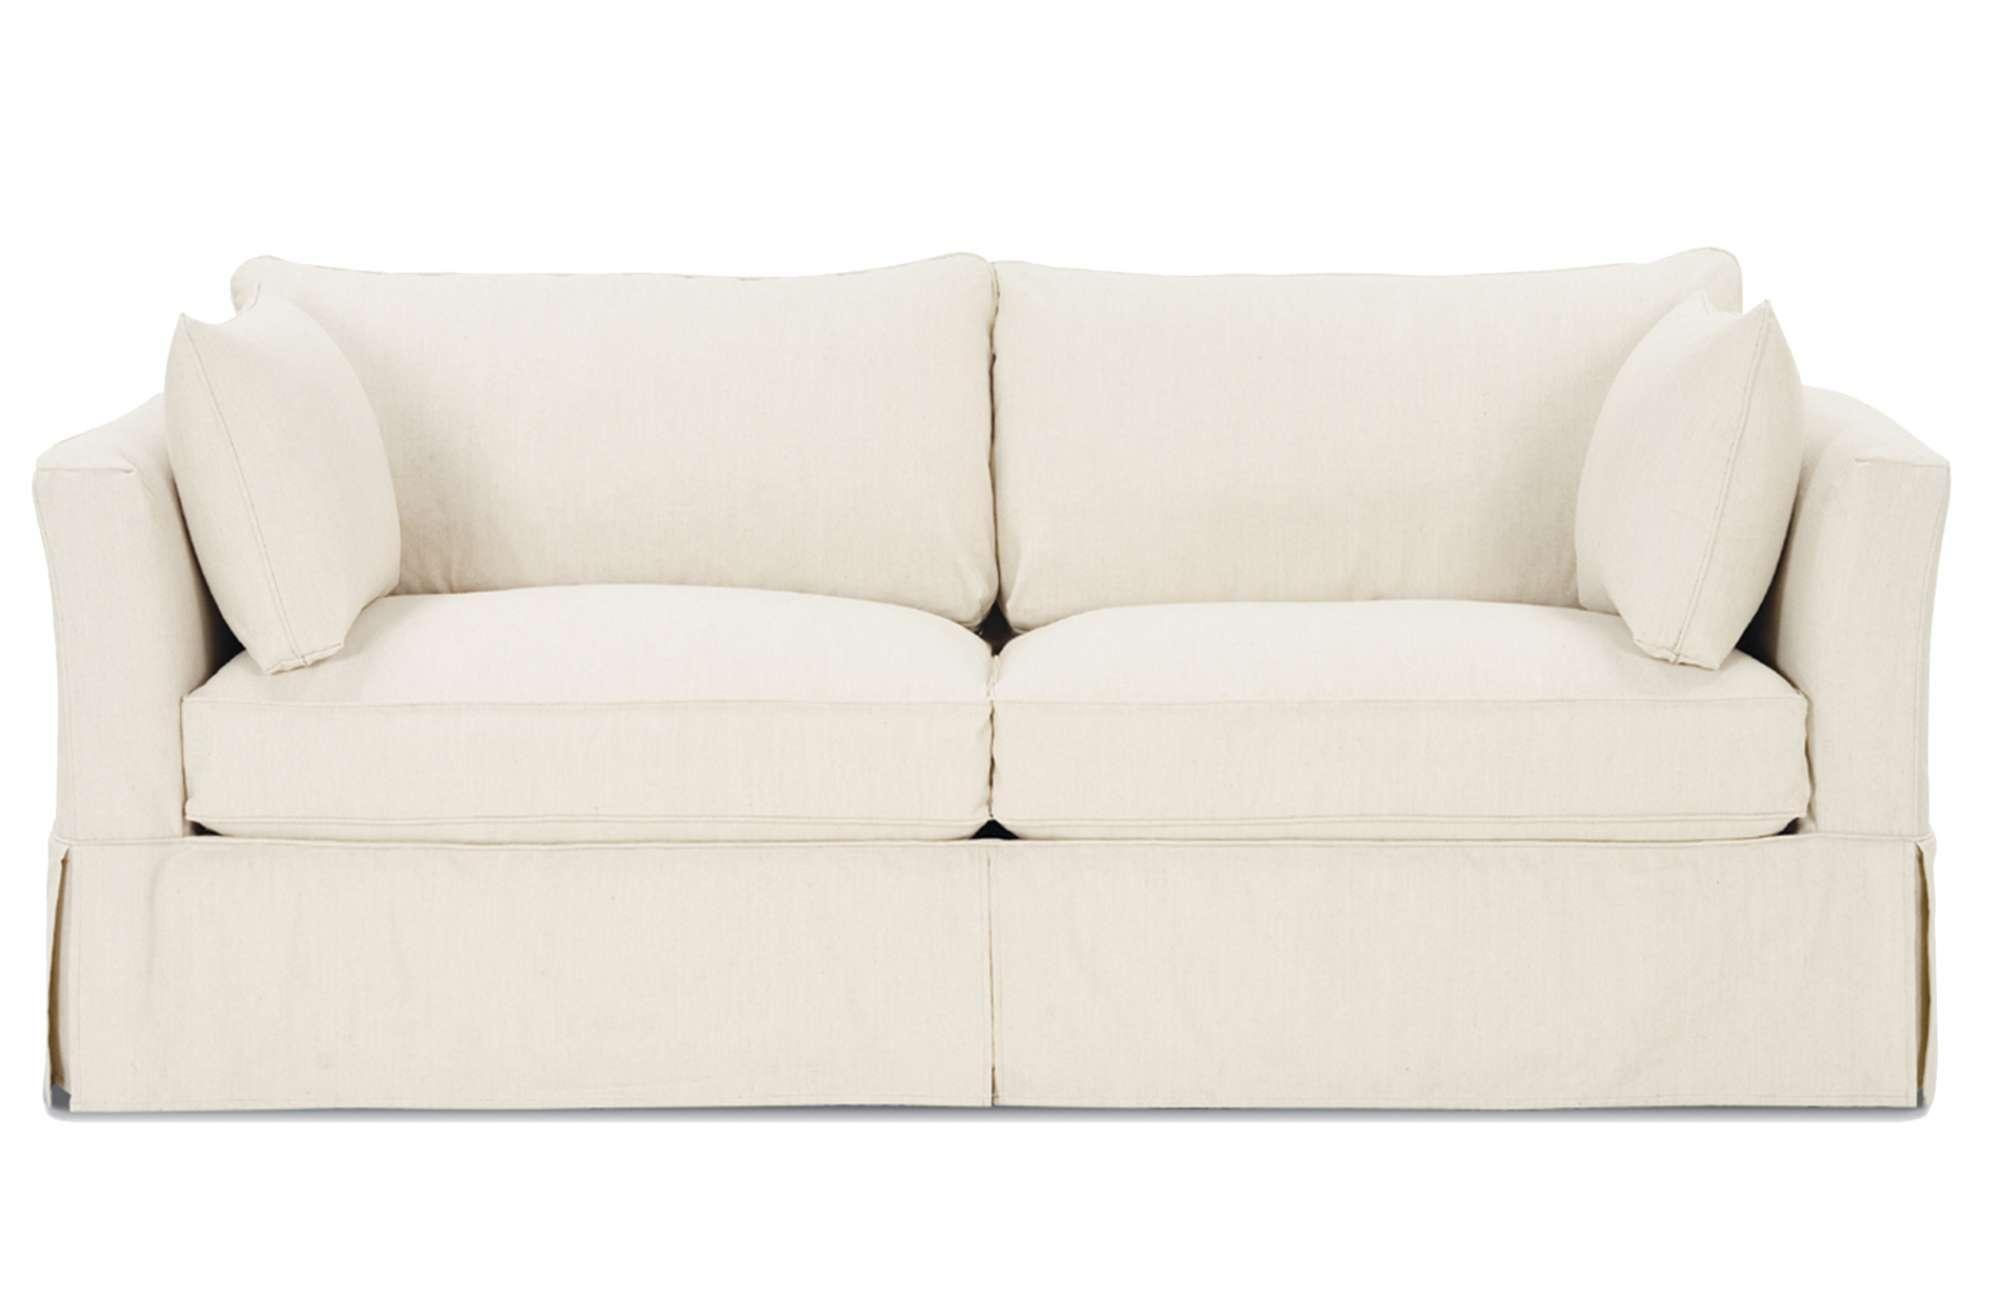 designer sofa slipcovers simmons bellamy reviews 20 best for sleeper sofas ideas